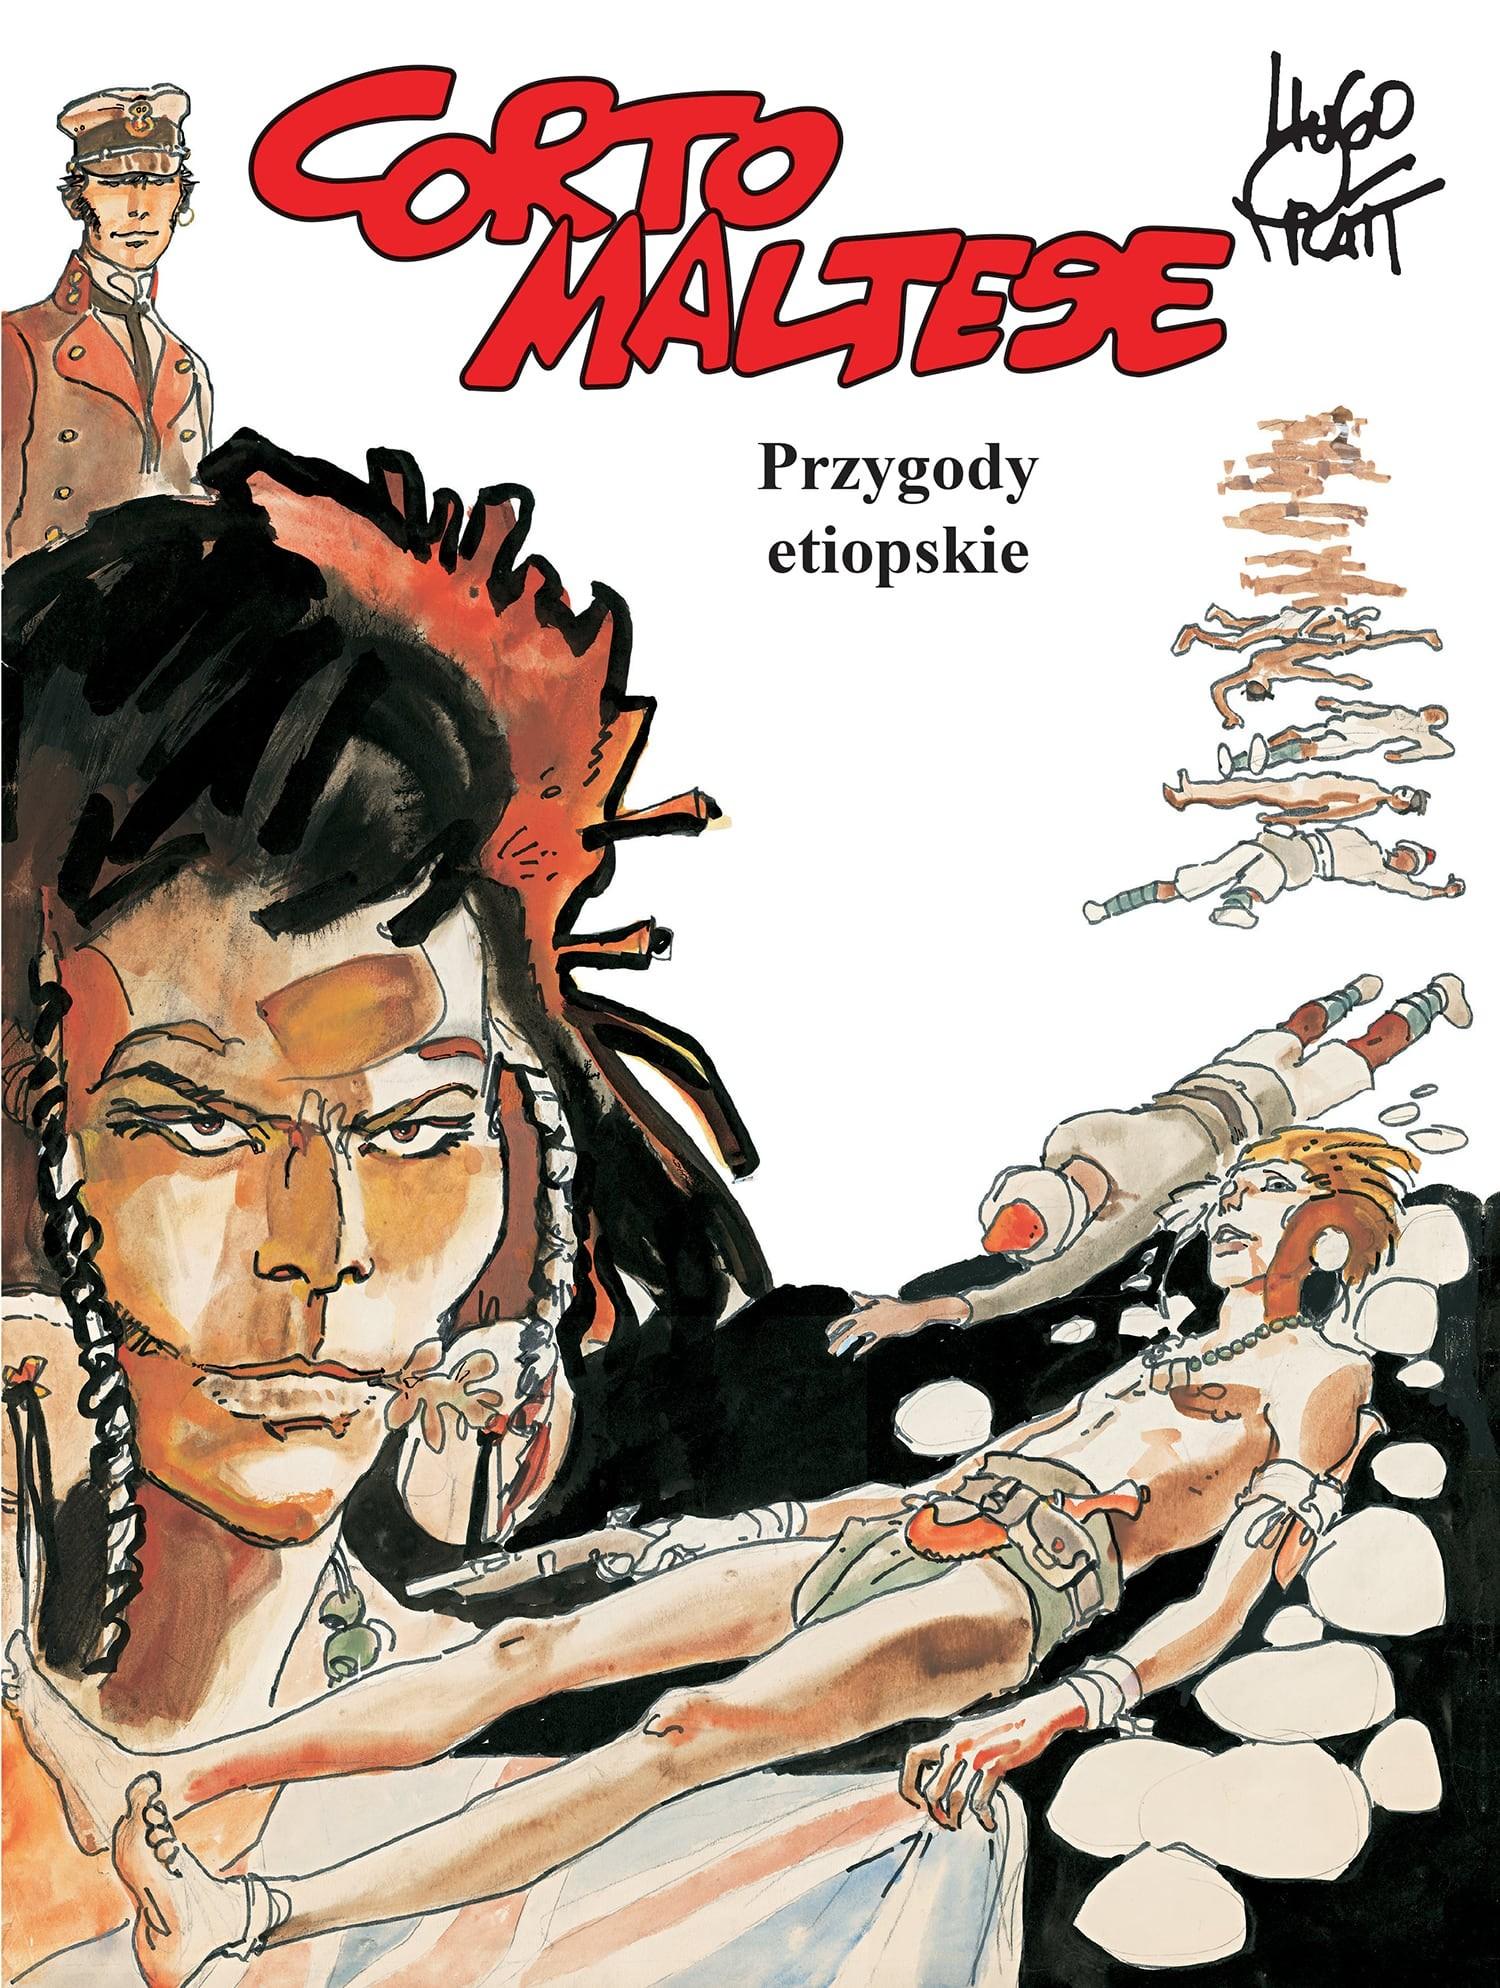 Corto Maltese_cover_tom05 300 dpi-min-min.jpg